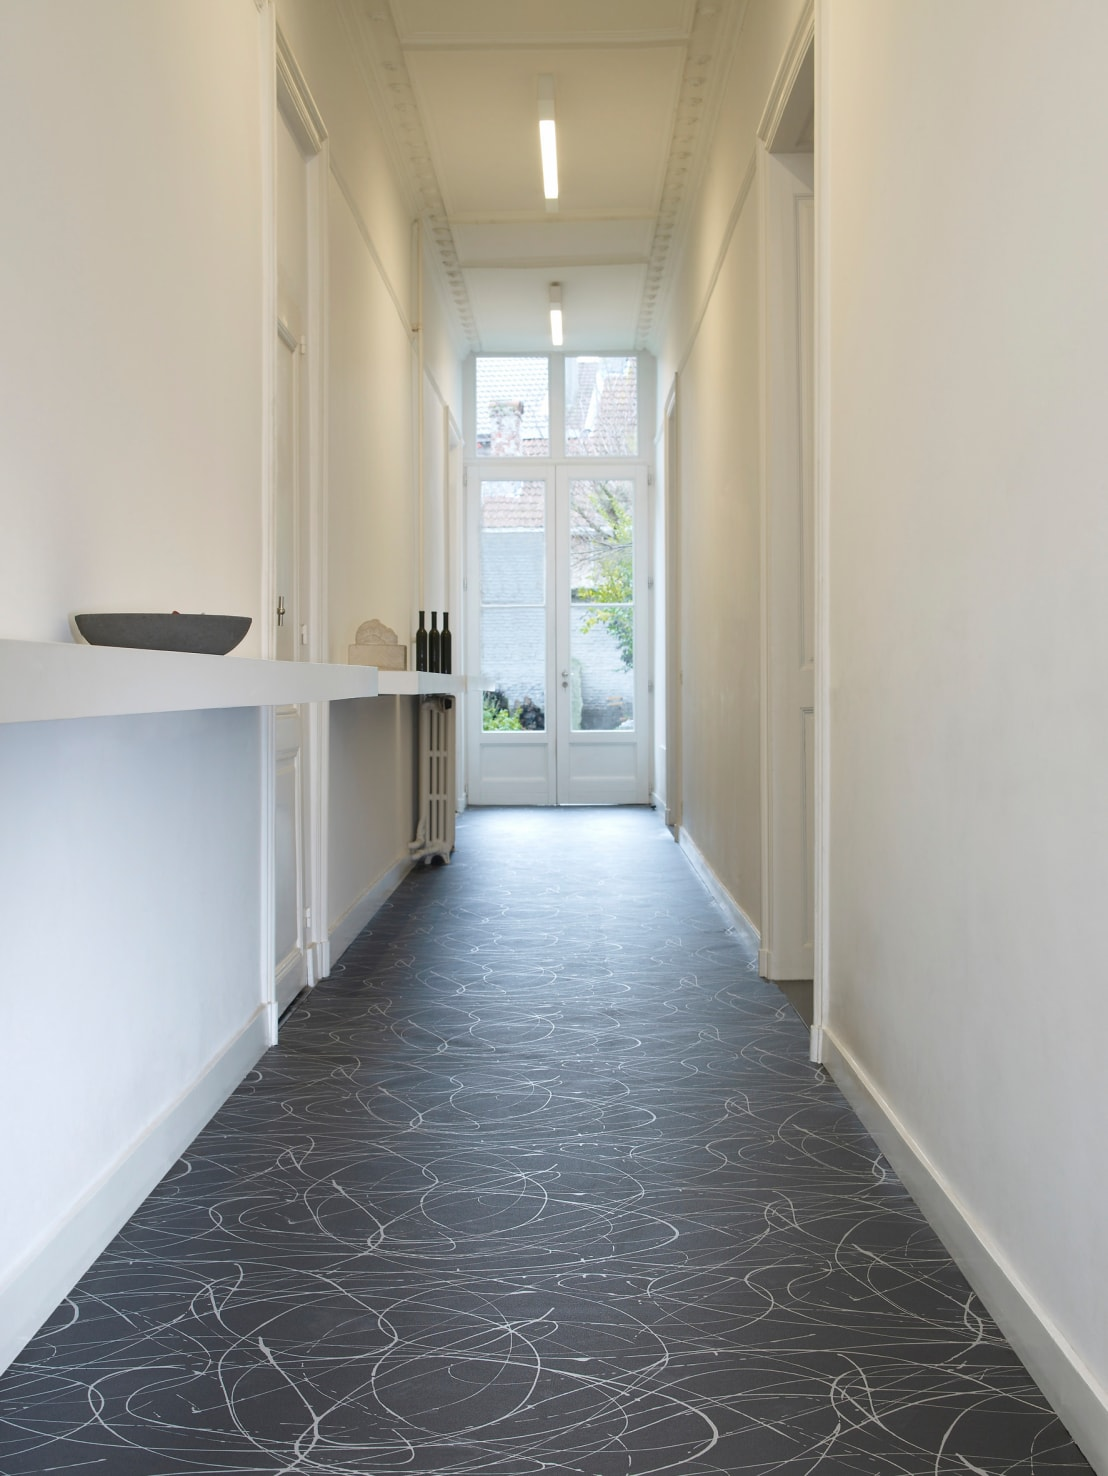 Pavimenti moderni: le migliori soluzioni per la casa